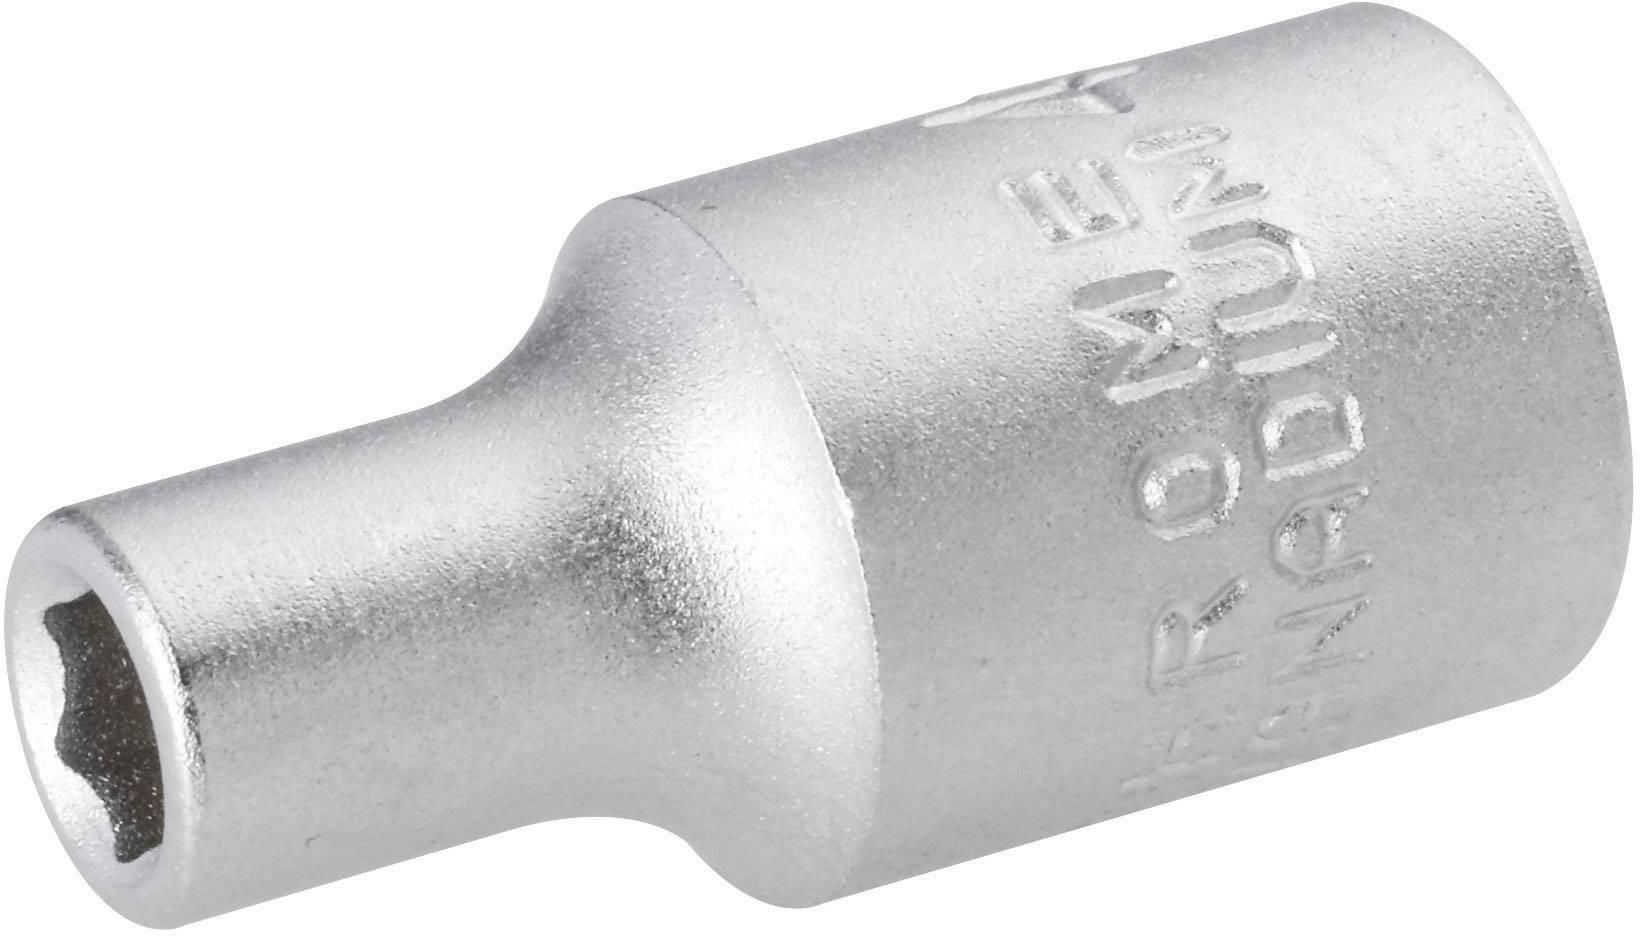 """Nástavec pro ráčnu TOOLCRAFT 820745, vnější šestihran, 1/4"""" (6,3 mm), 6 mm, chrom-vanadová ocel"""